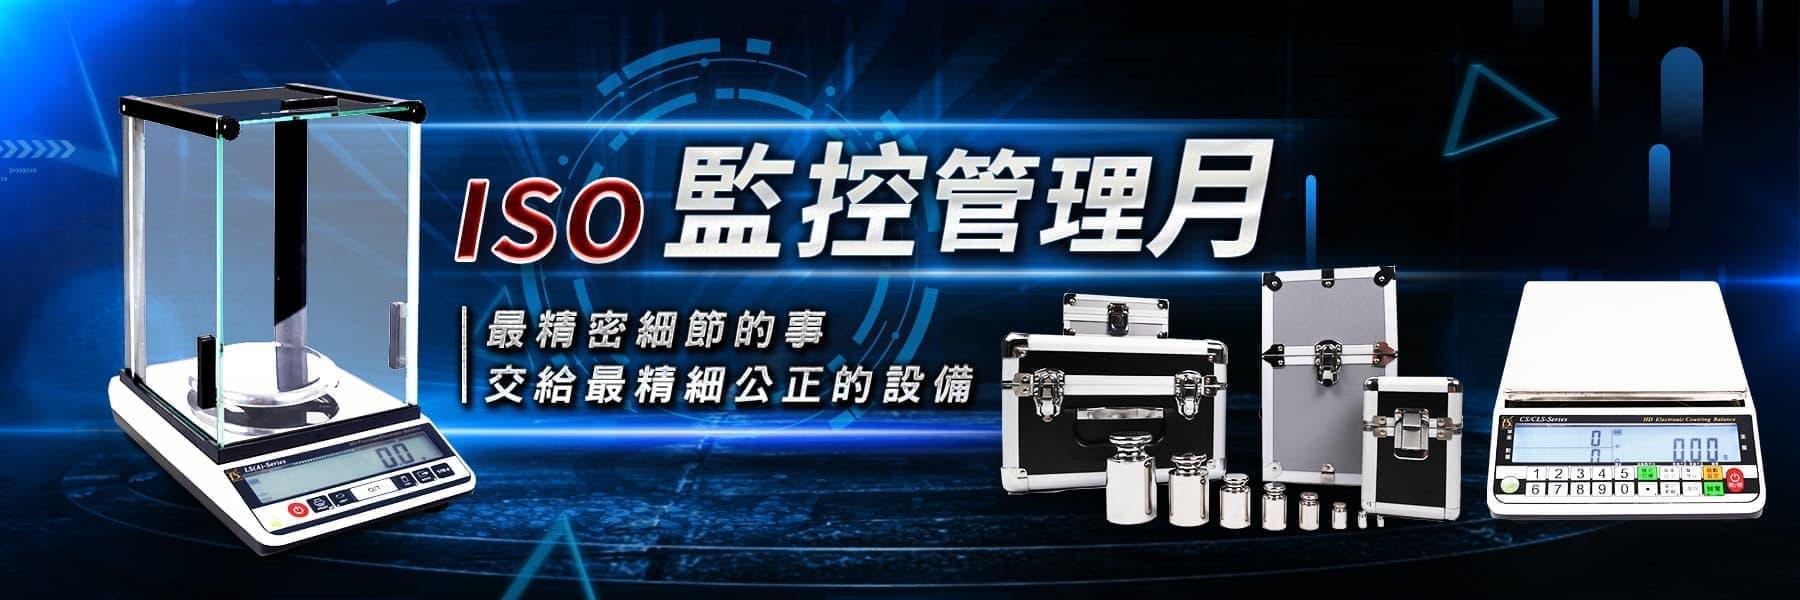 電子天平 ISO 砝碼 | 沛禮國際 Polit 電子秤專賣